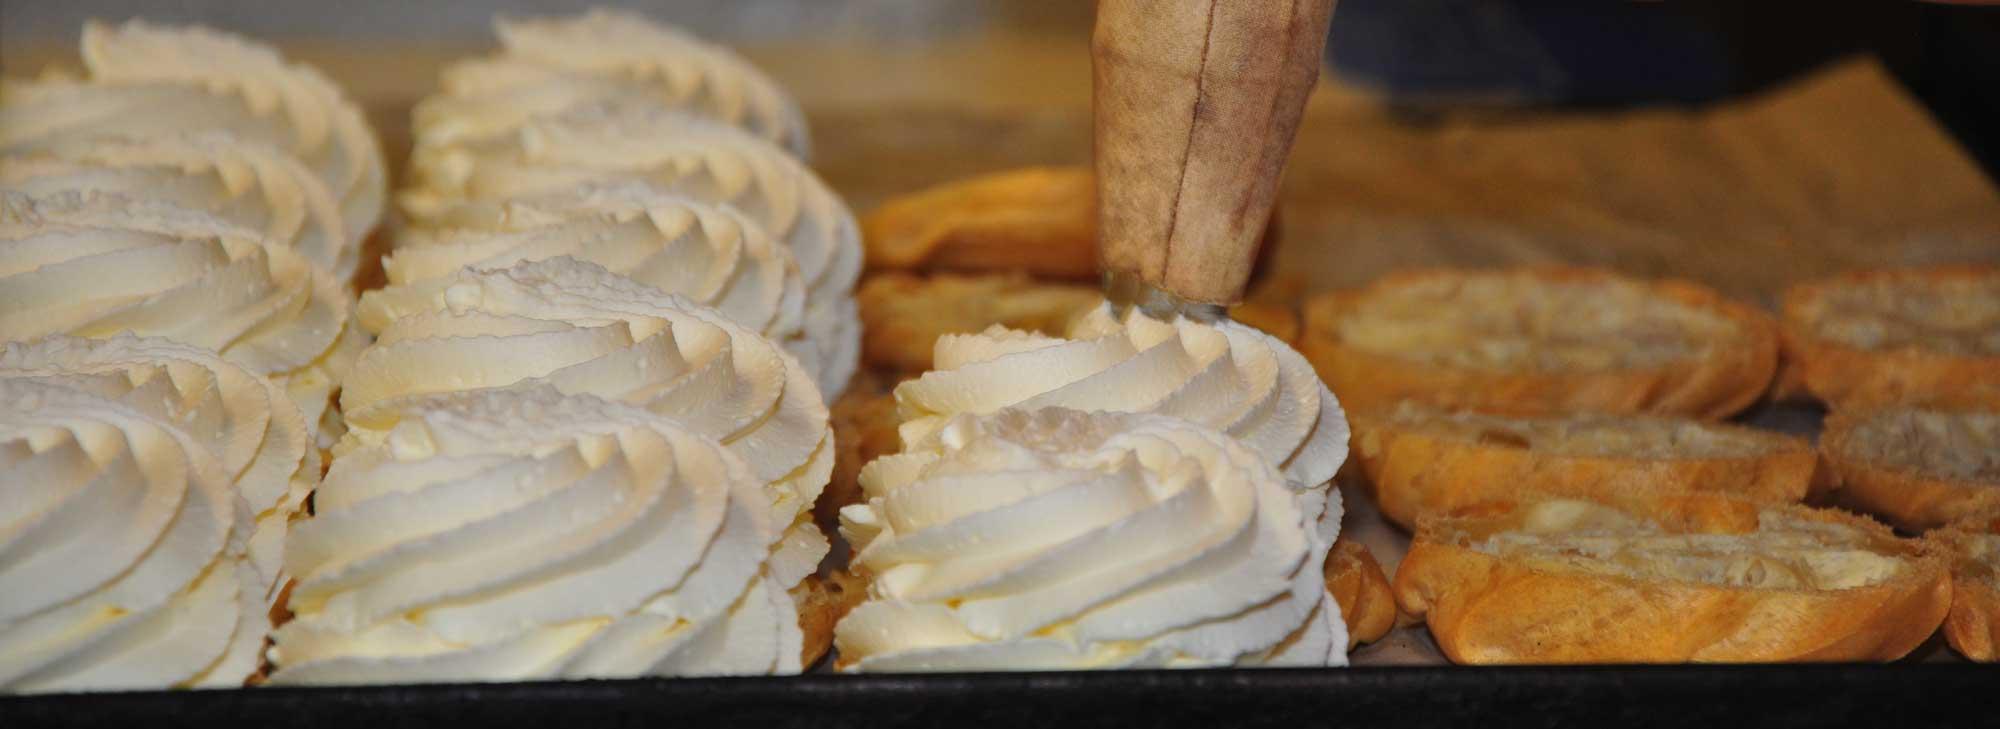 Bäckerei Konditorei Lassan Brot Brötchen Kuchen Torten